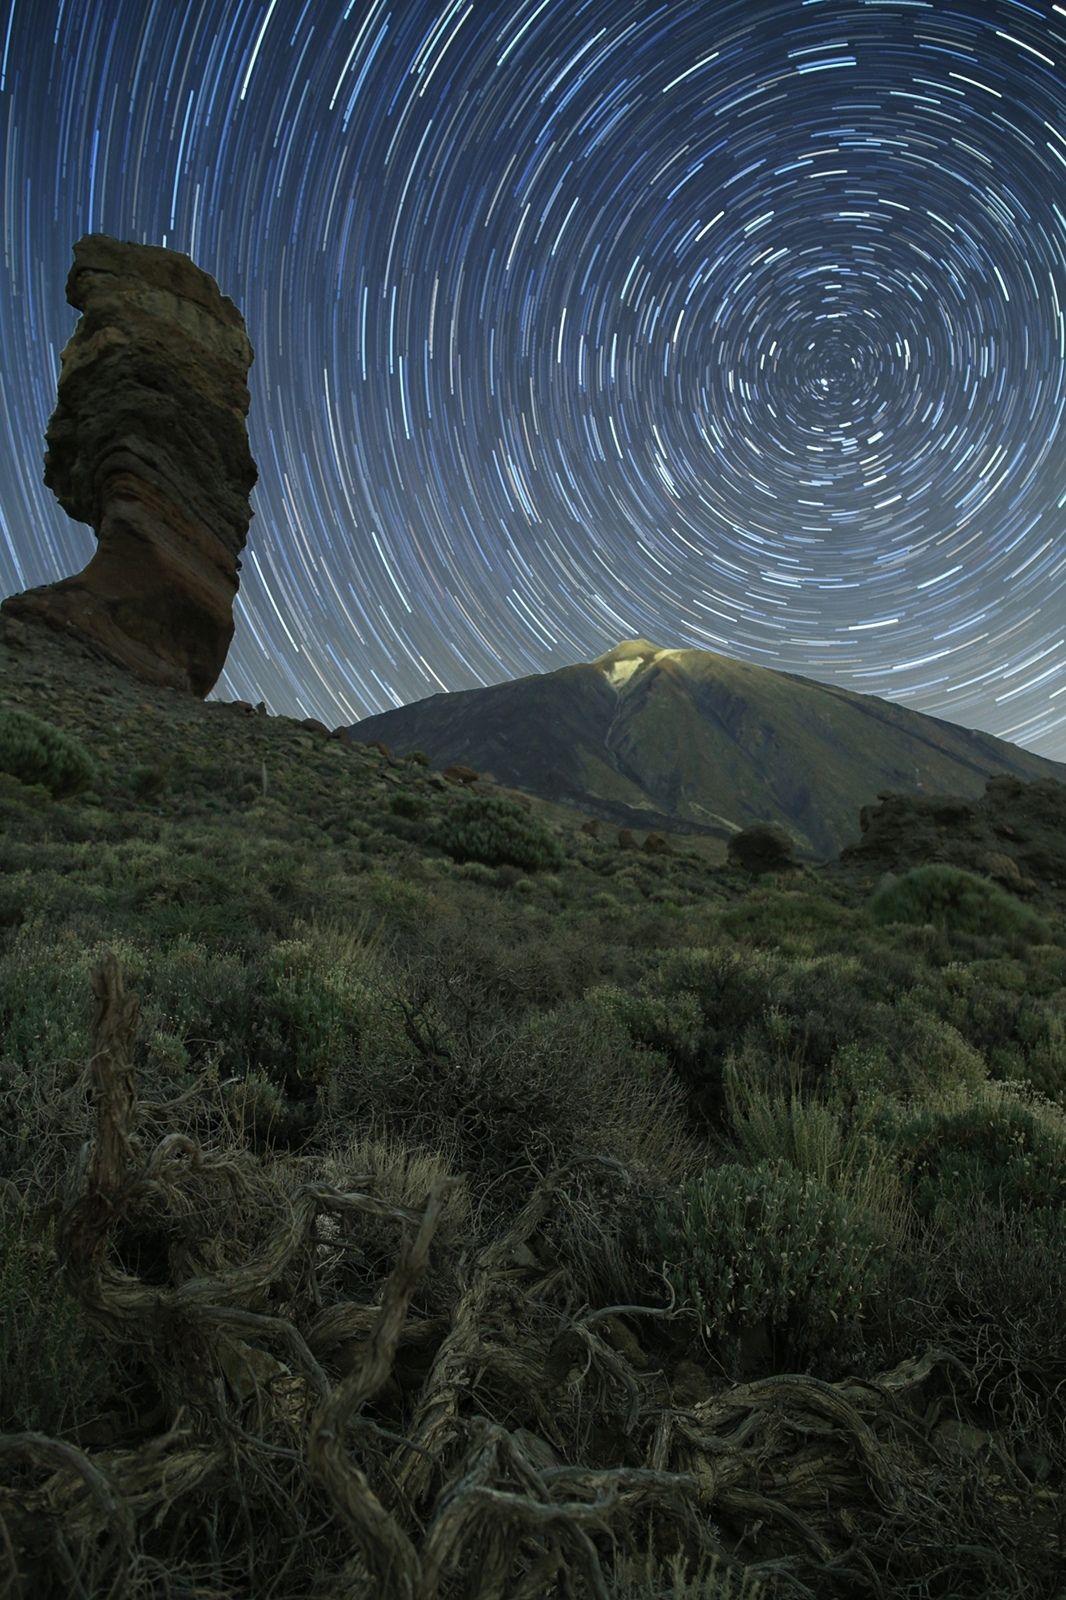 ночь тенерифе ночной пейзаж астрофотография звезды созвездия, Рева Михаил